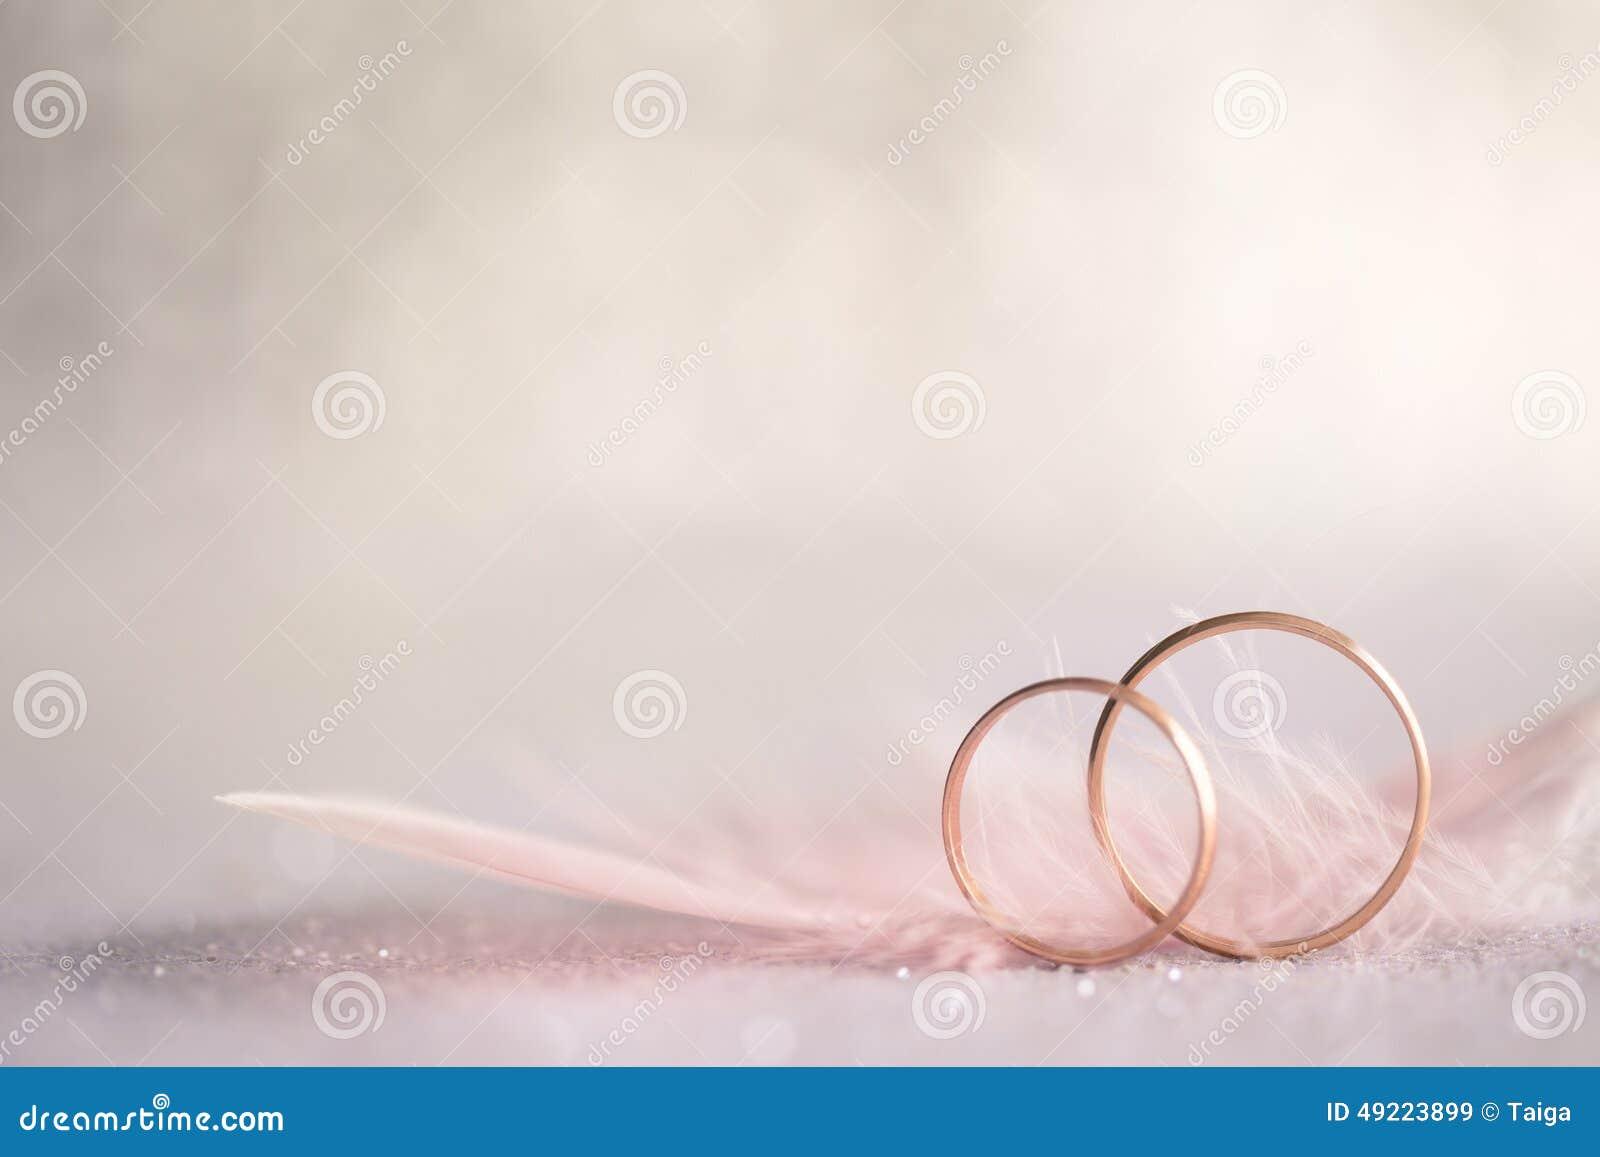 Två guldbröllopcirklar och fjäder - försiktig bakgrund